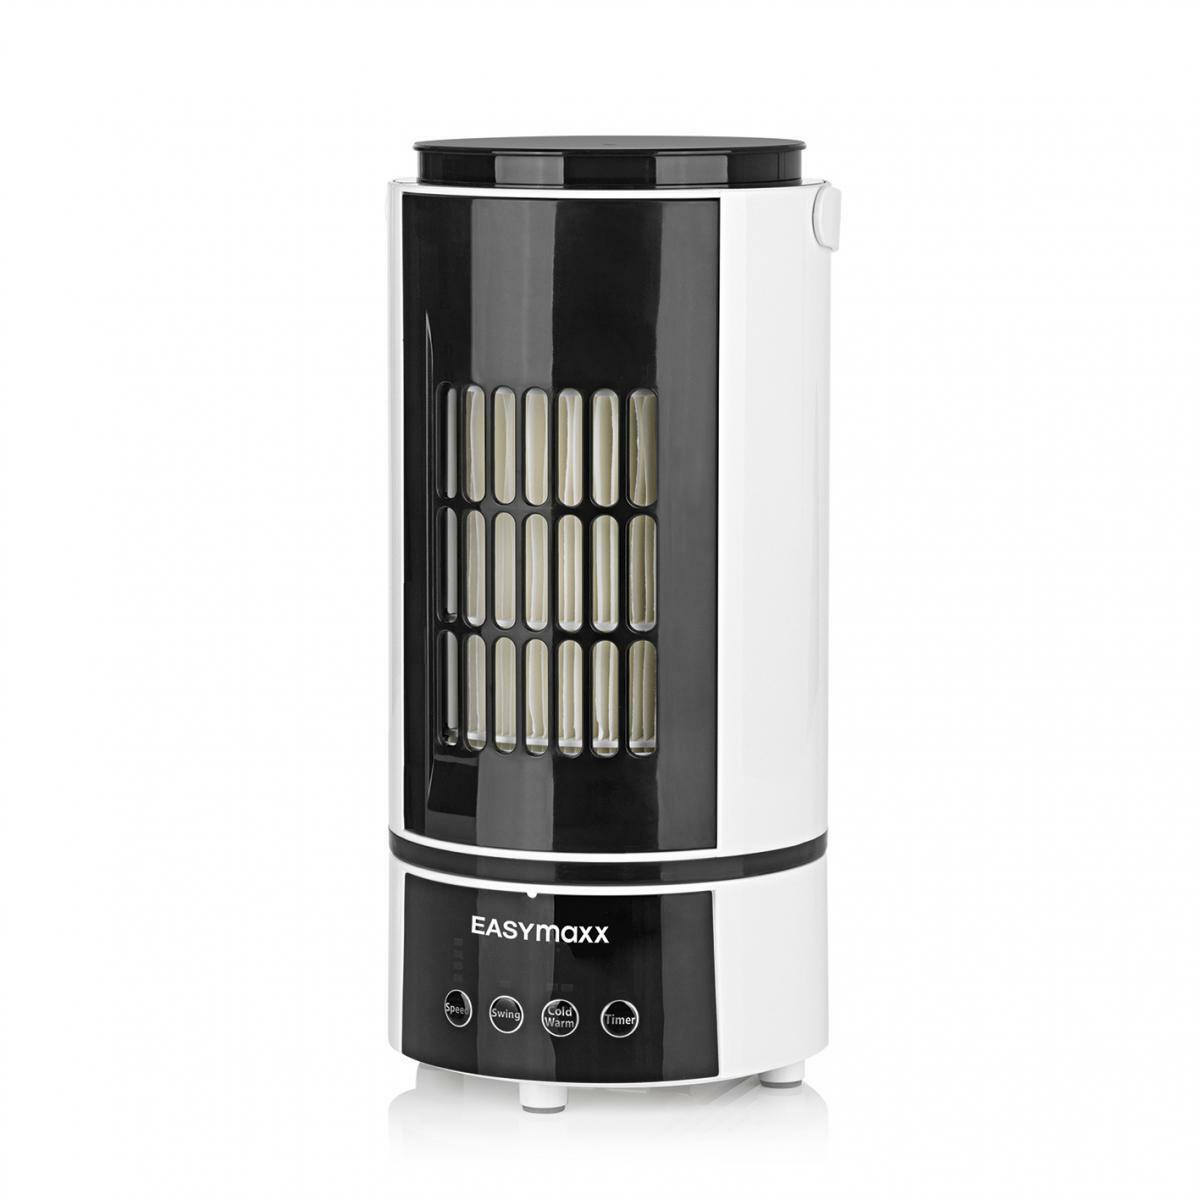 Bild 2 von EASYmaxx Klimagerät Kühlen & Heizen 2in1 800W weiß/schwarz mit Fernb. + Timer